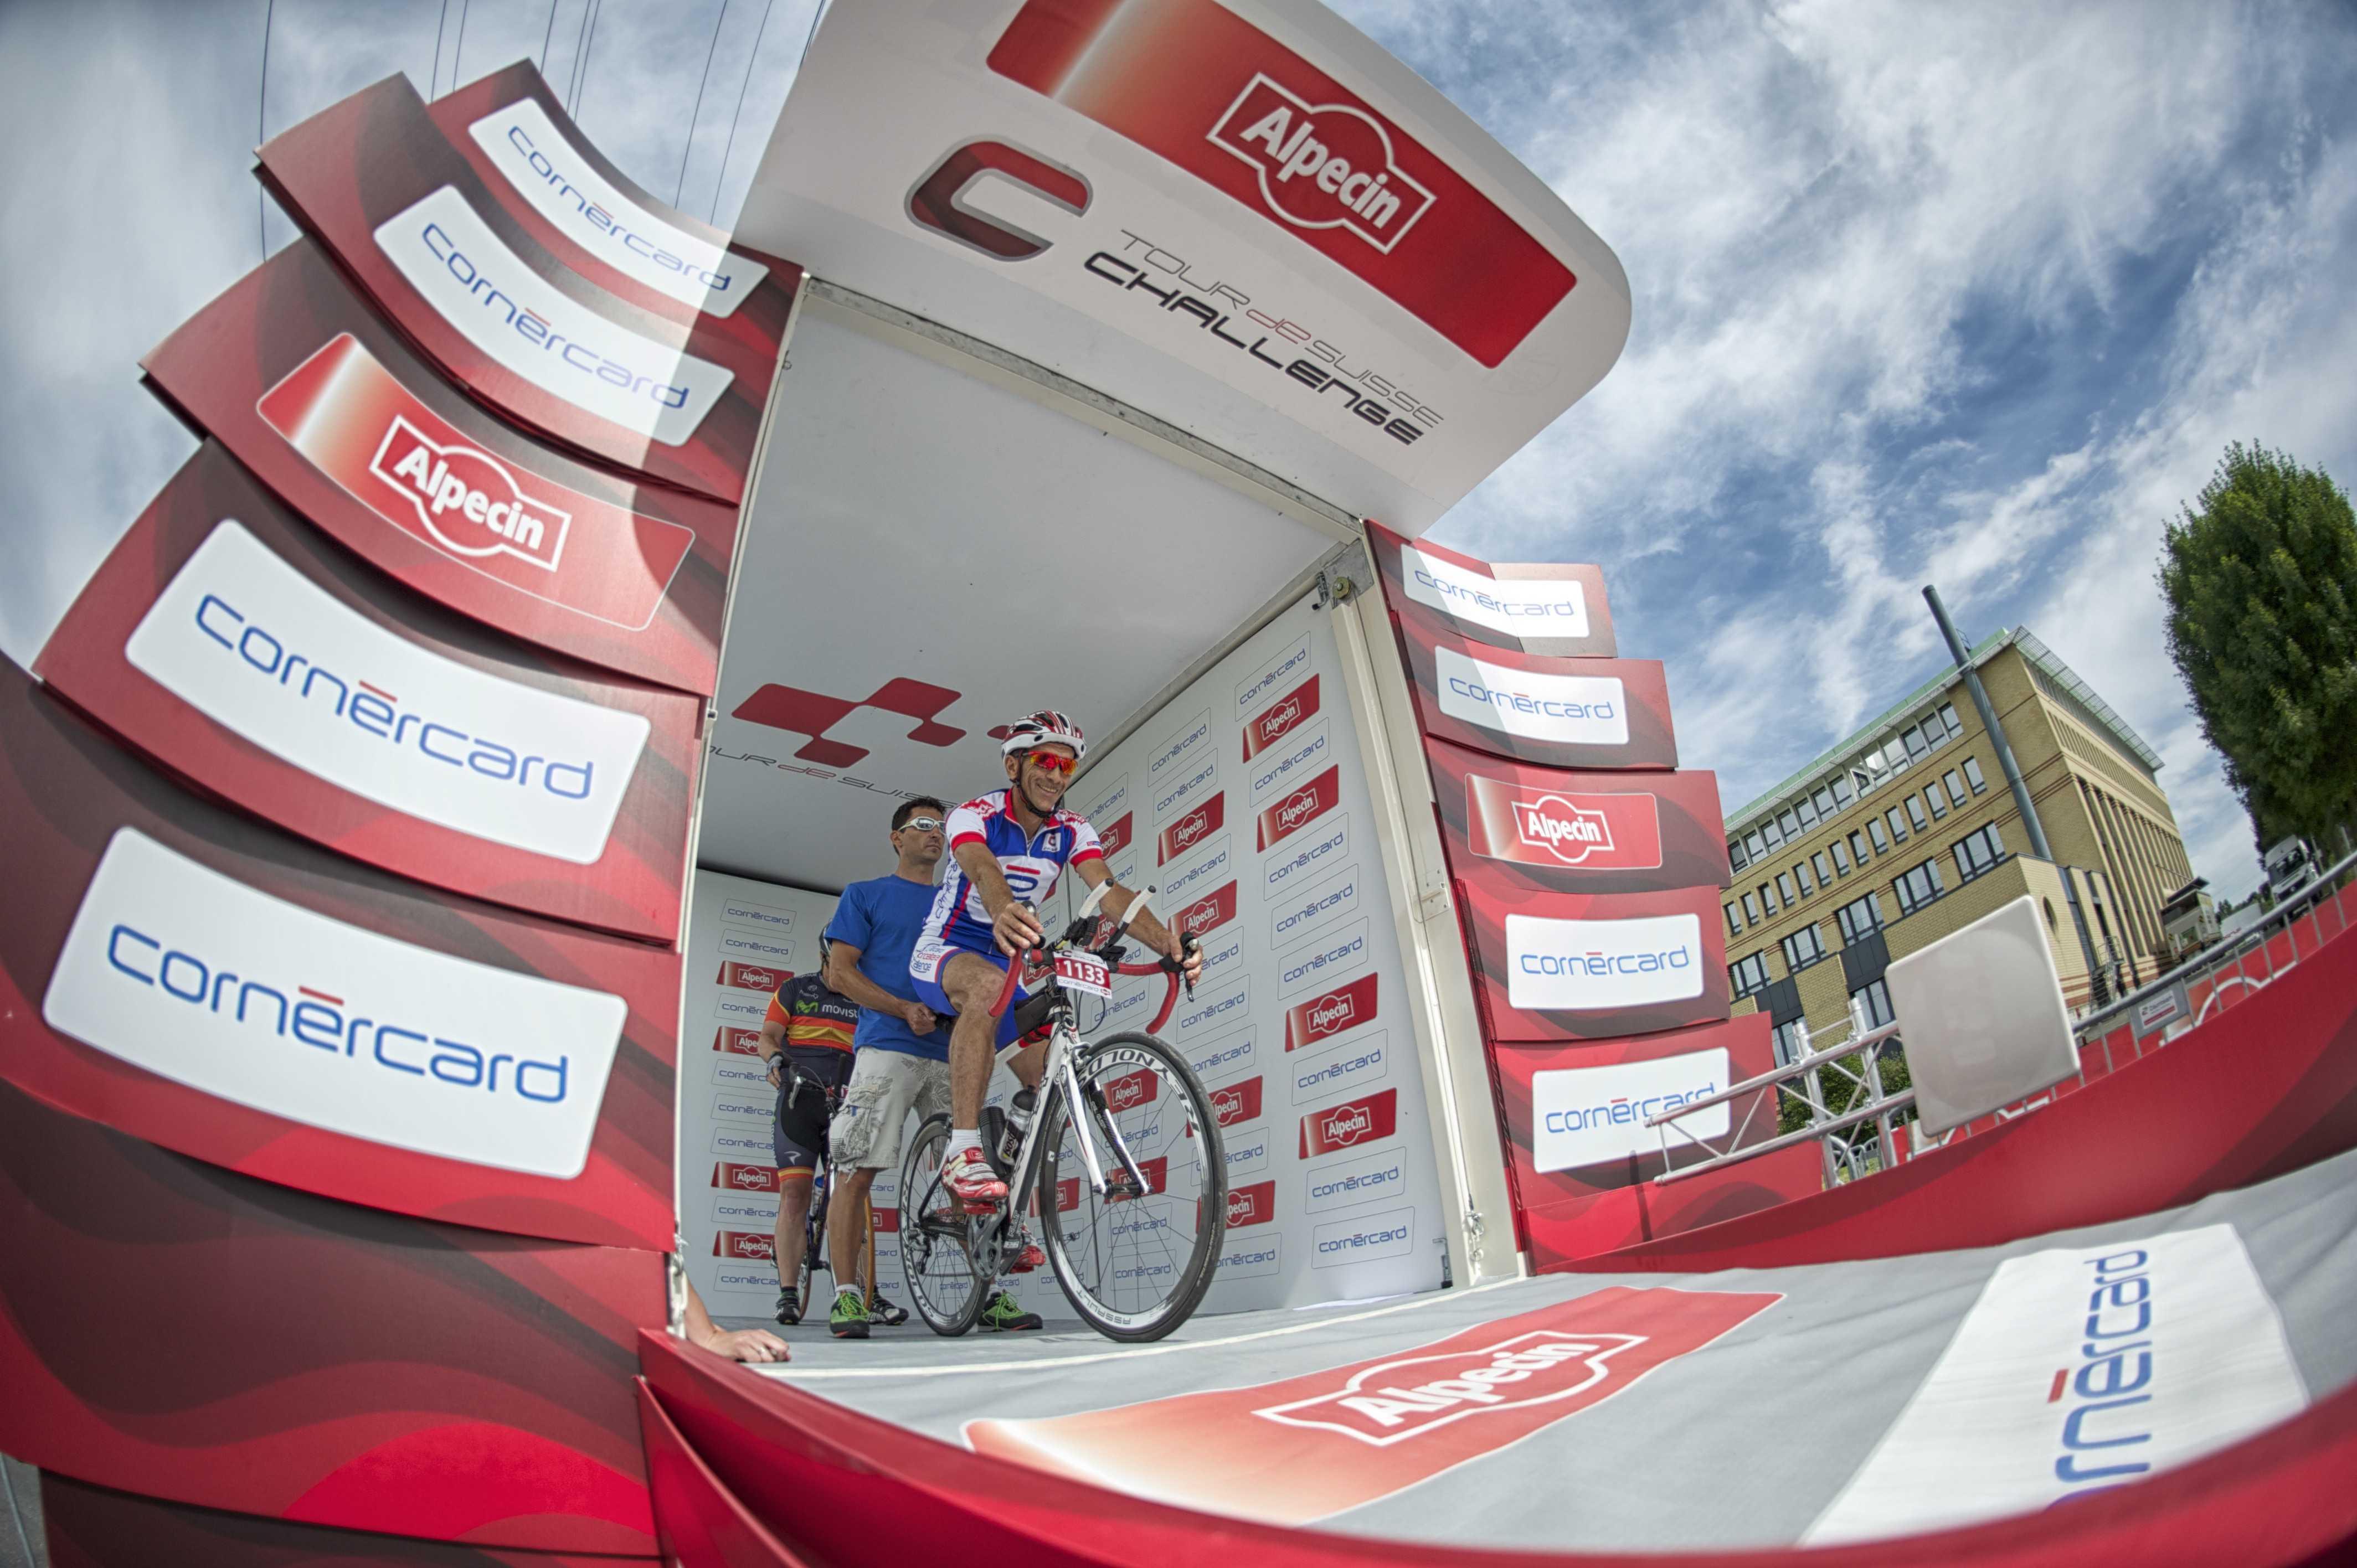 6. Cancellara Challenge – Heisser Asphalt, packende Duelle und Topleistungen